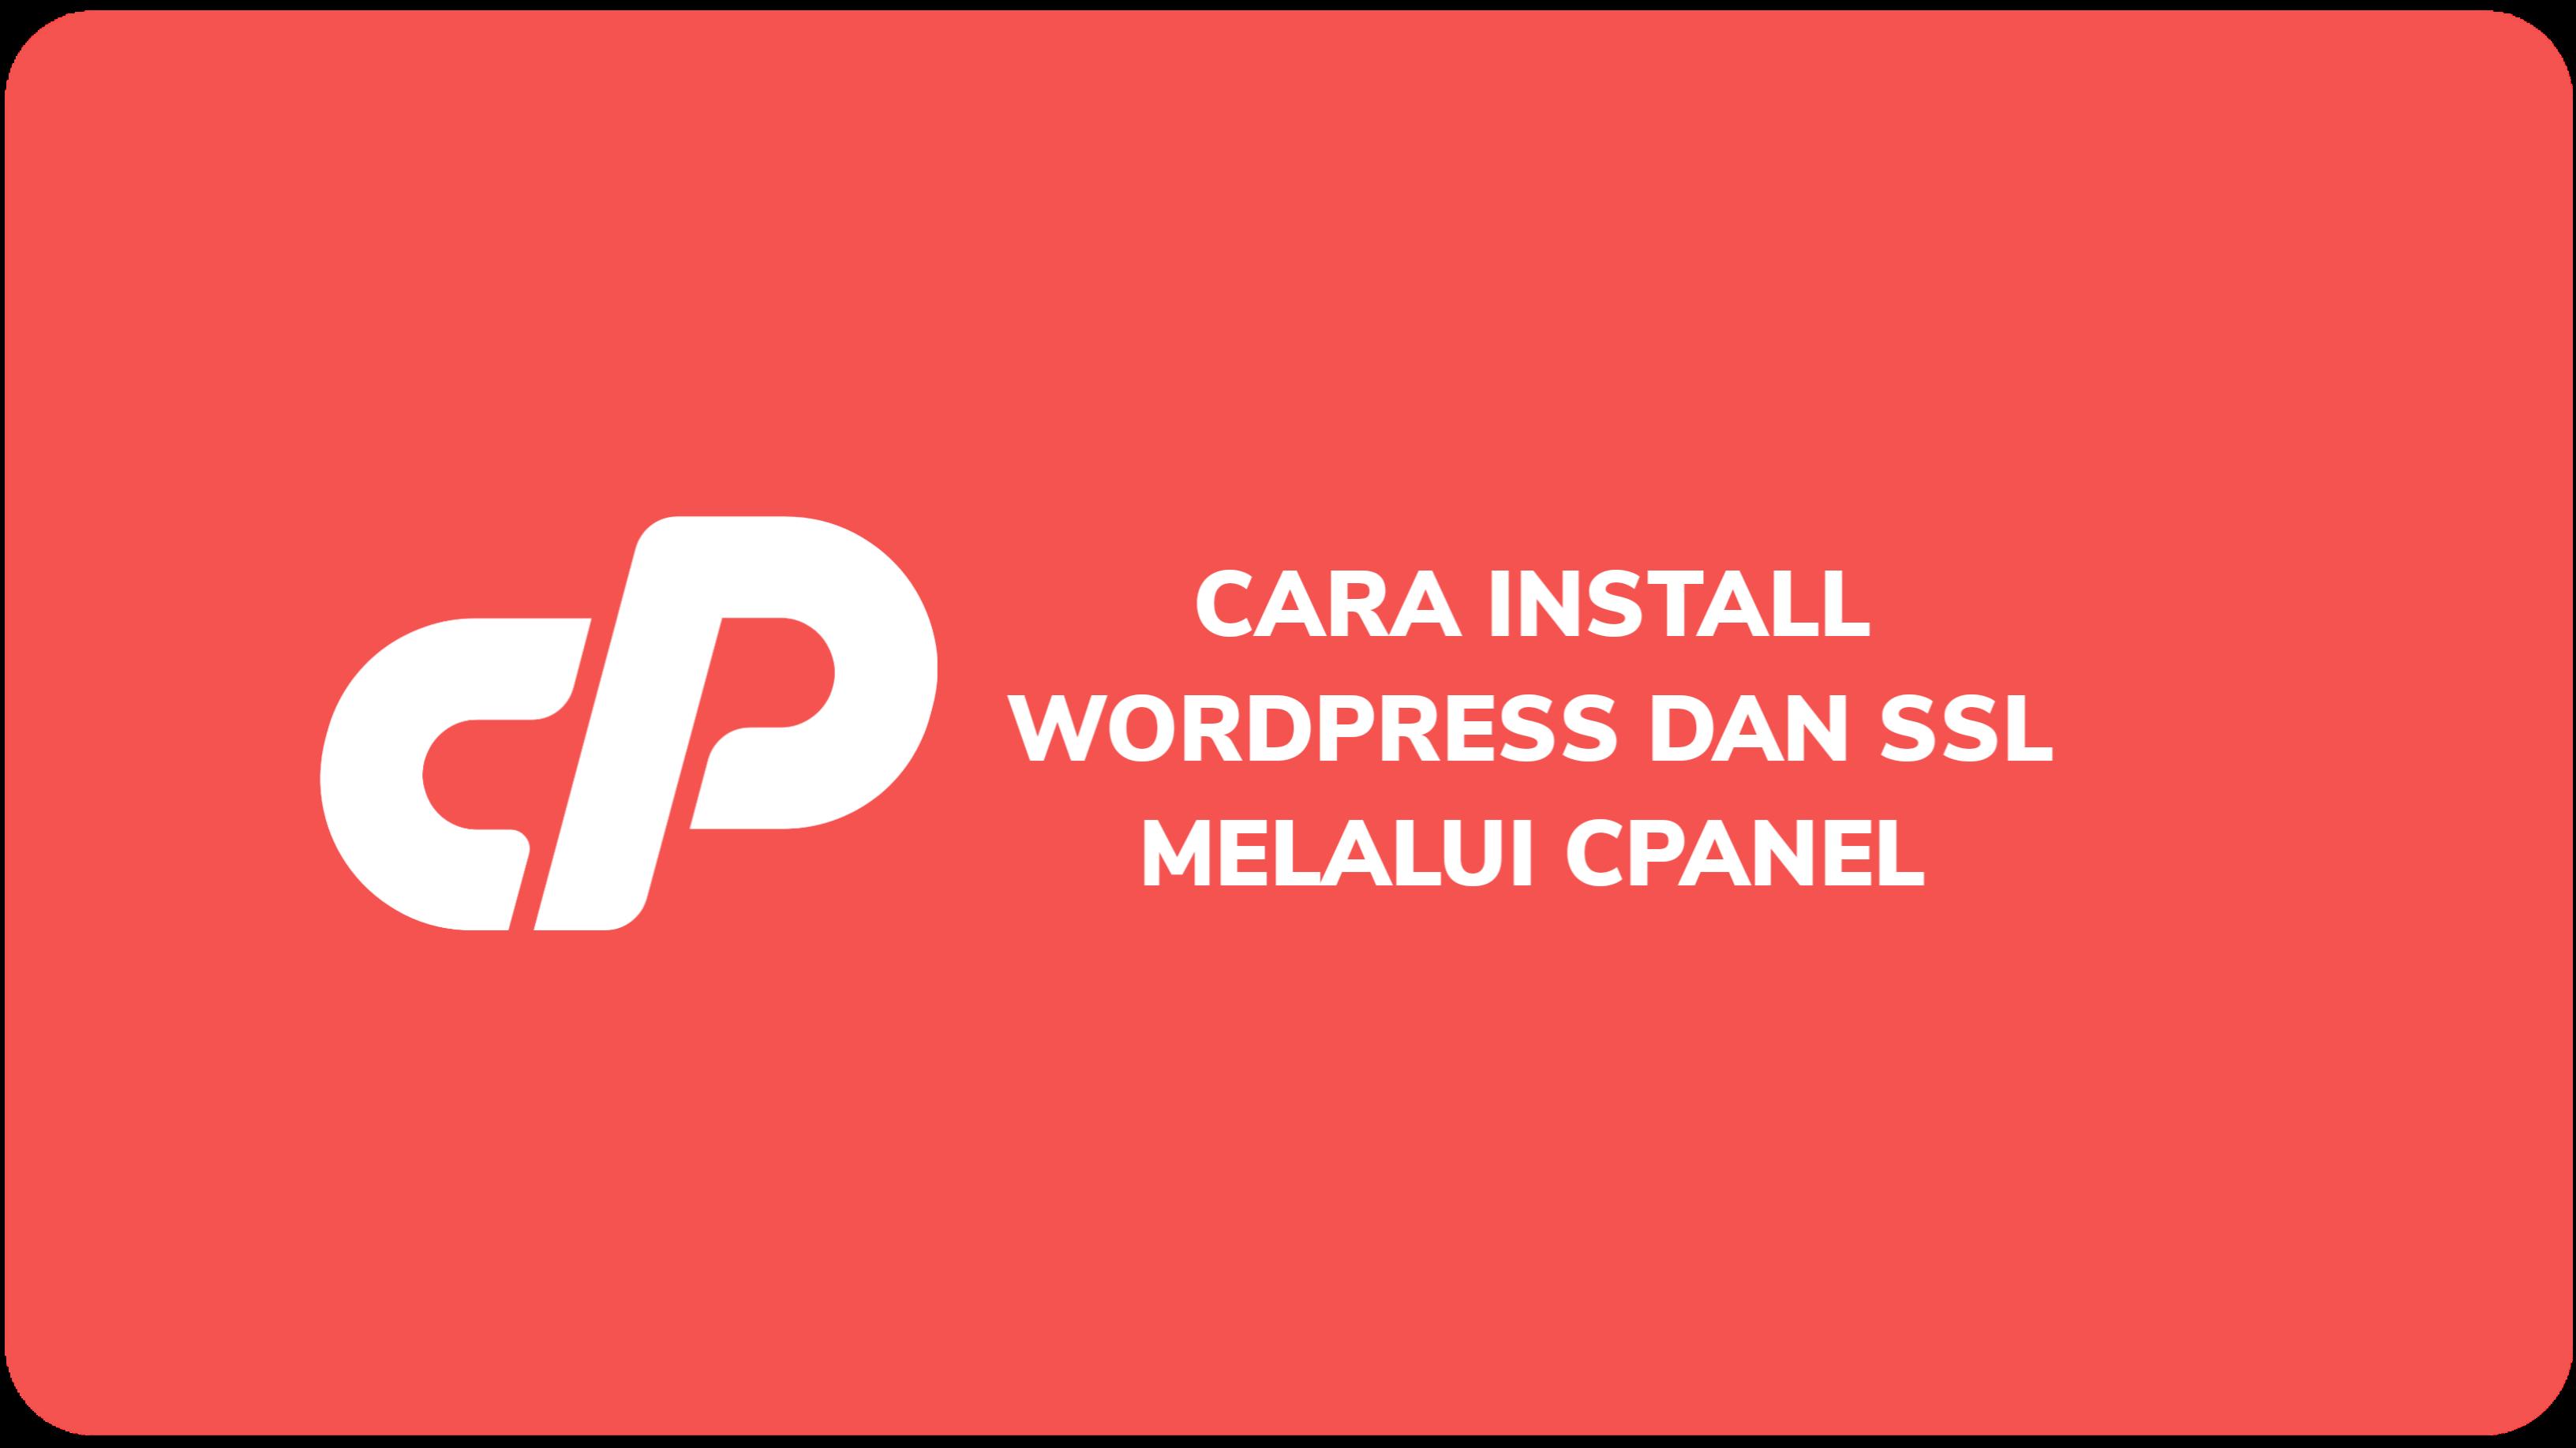 Cara Install WordPress Dan SSL Melalui cPanel